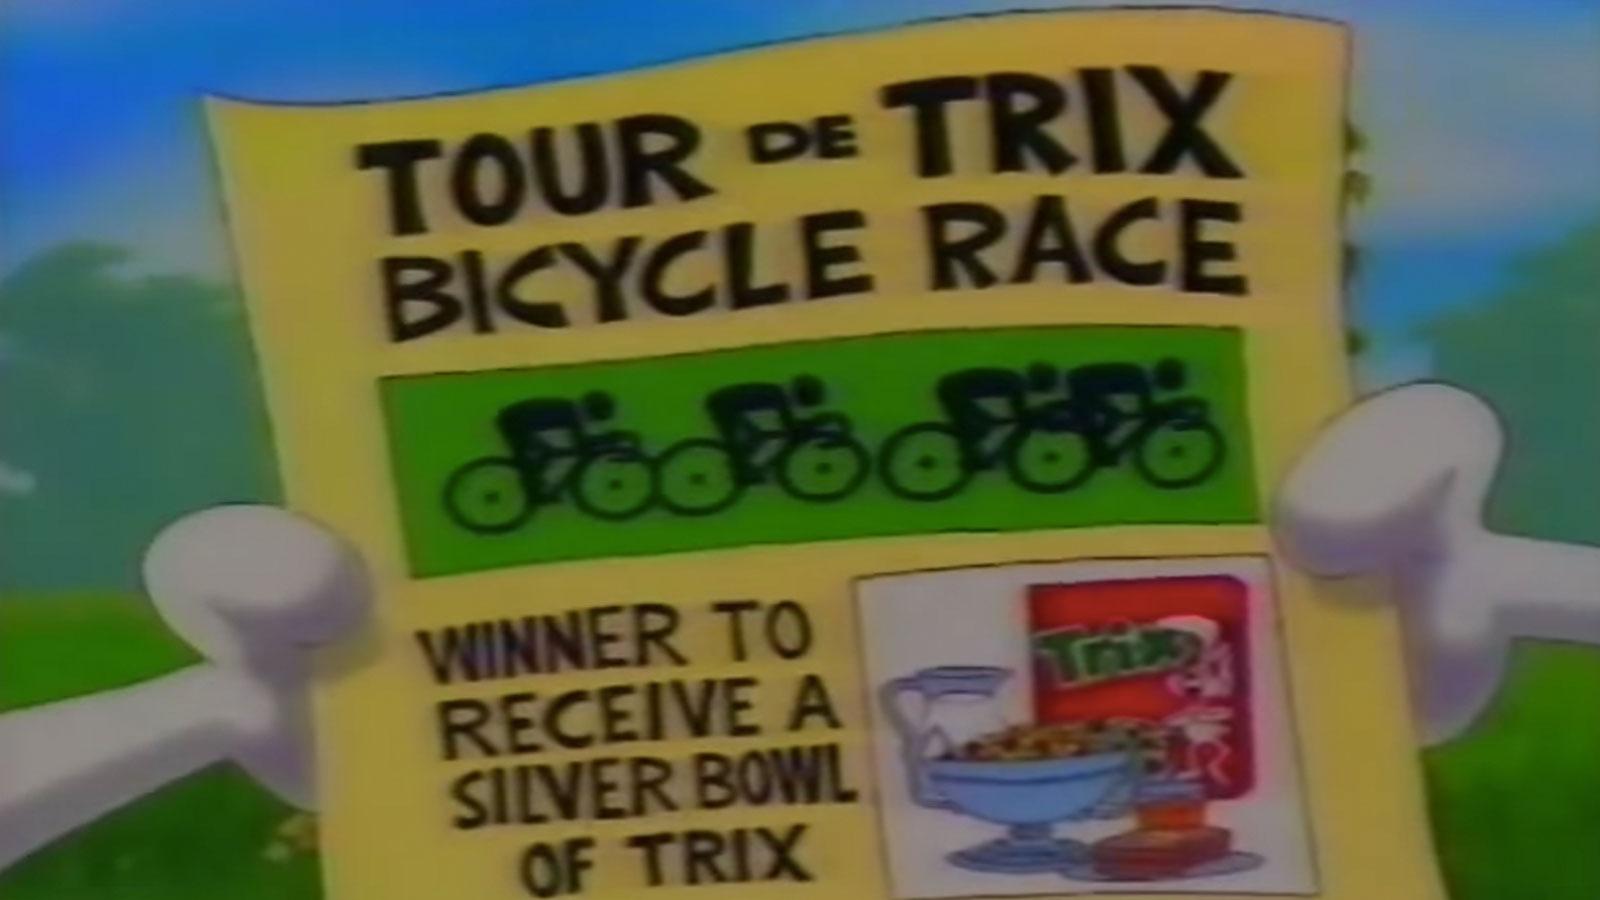 The Tour De Trix Contest